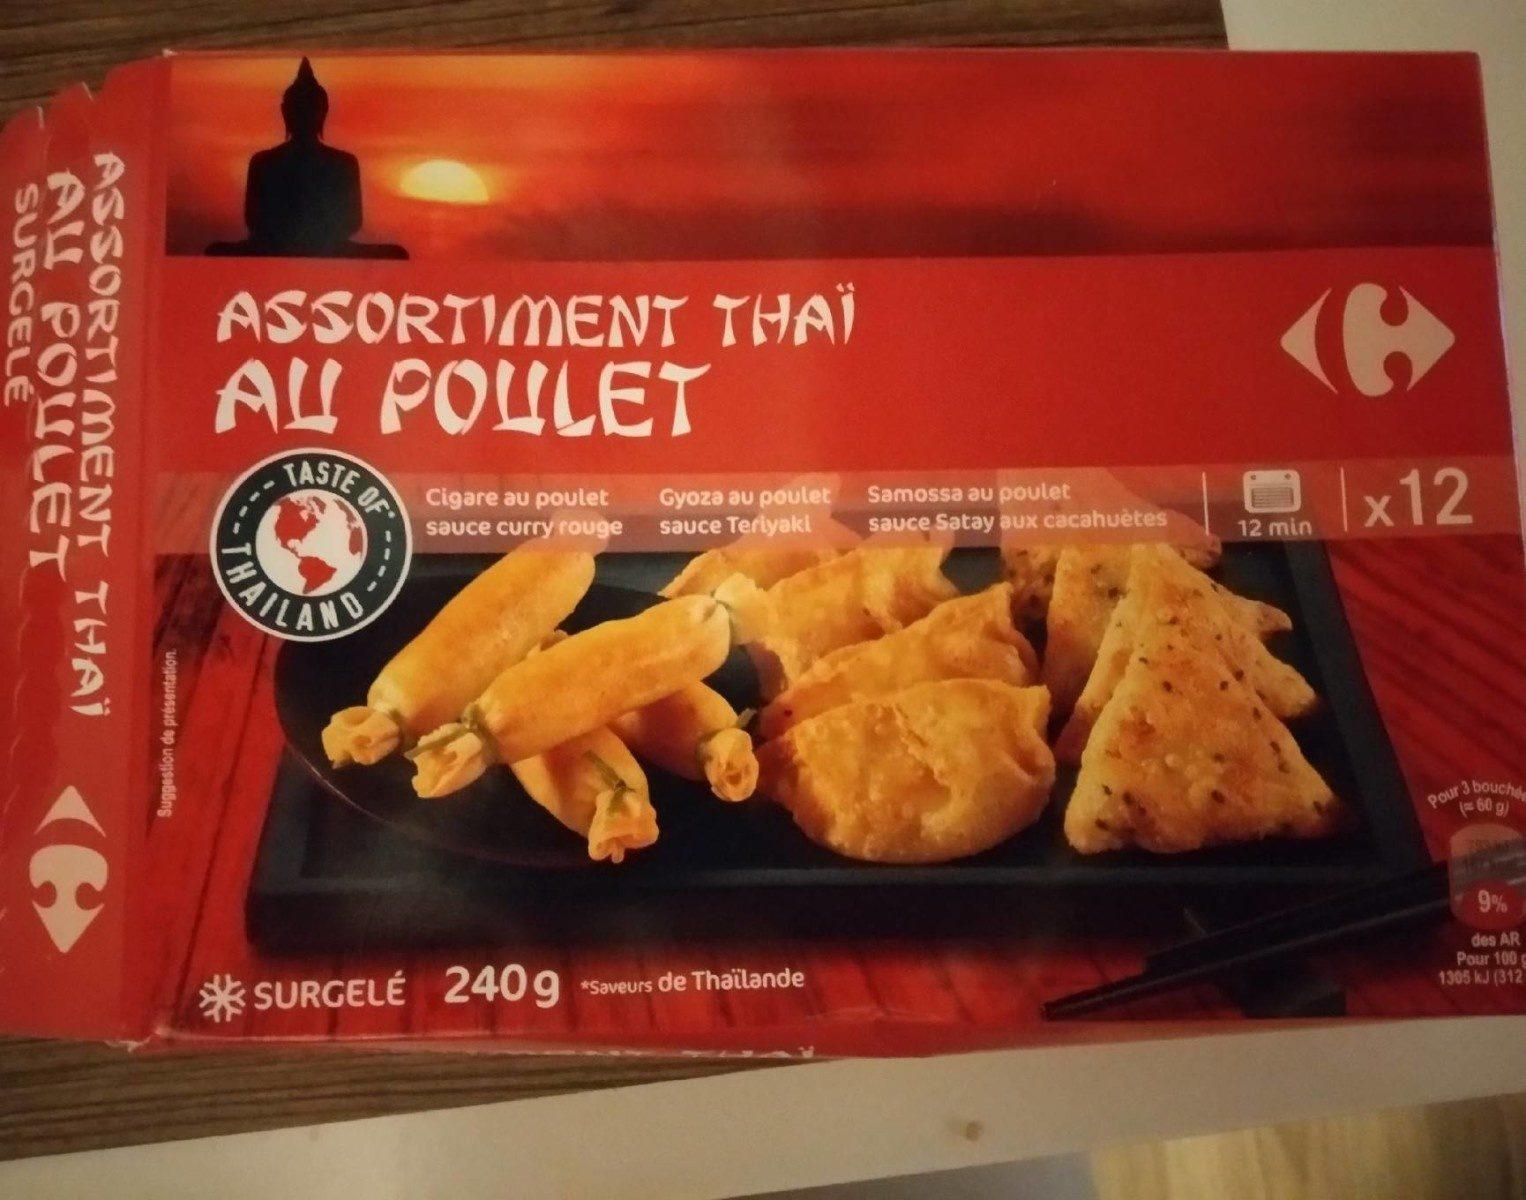 Assortiment thaï au poulet - Producto - fr